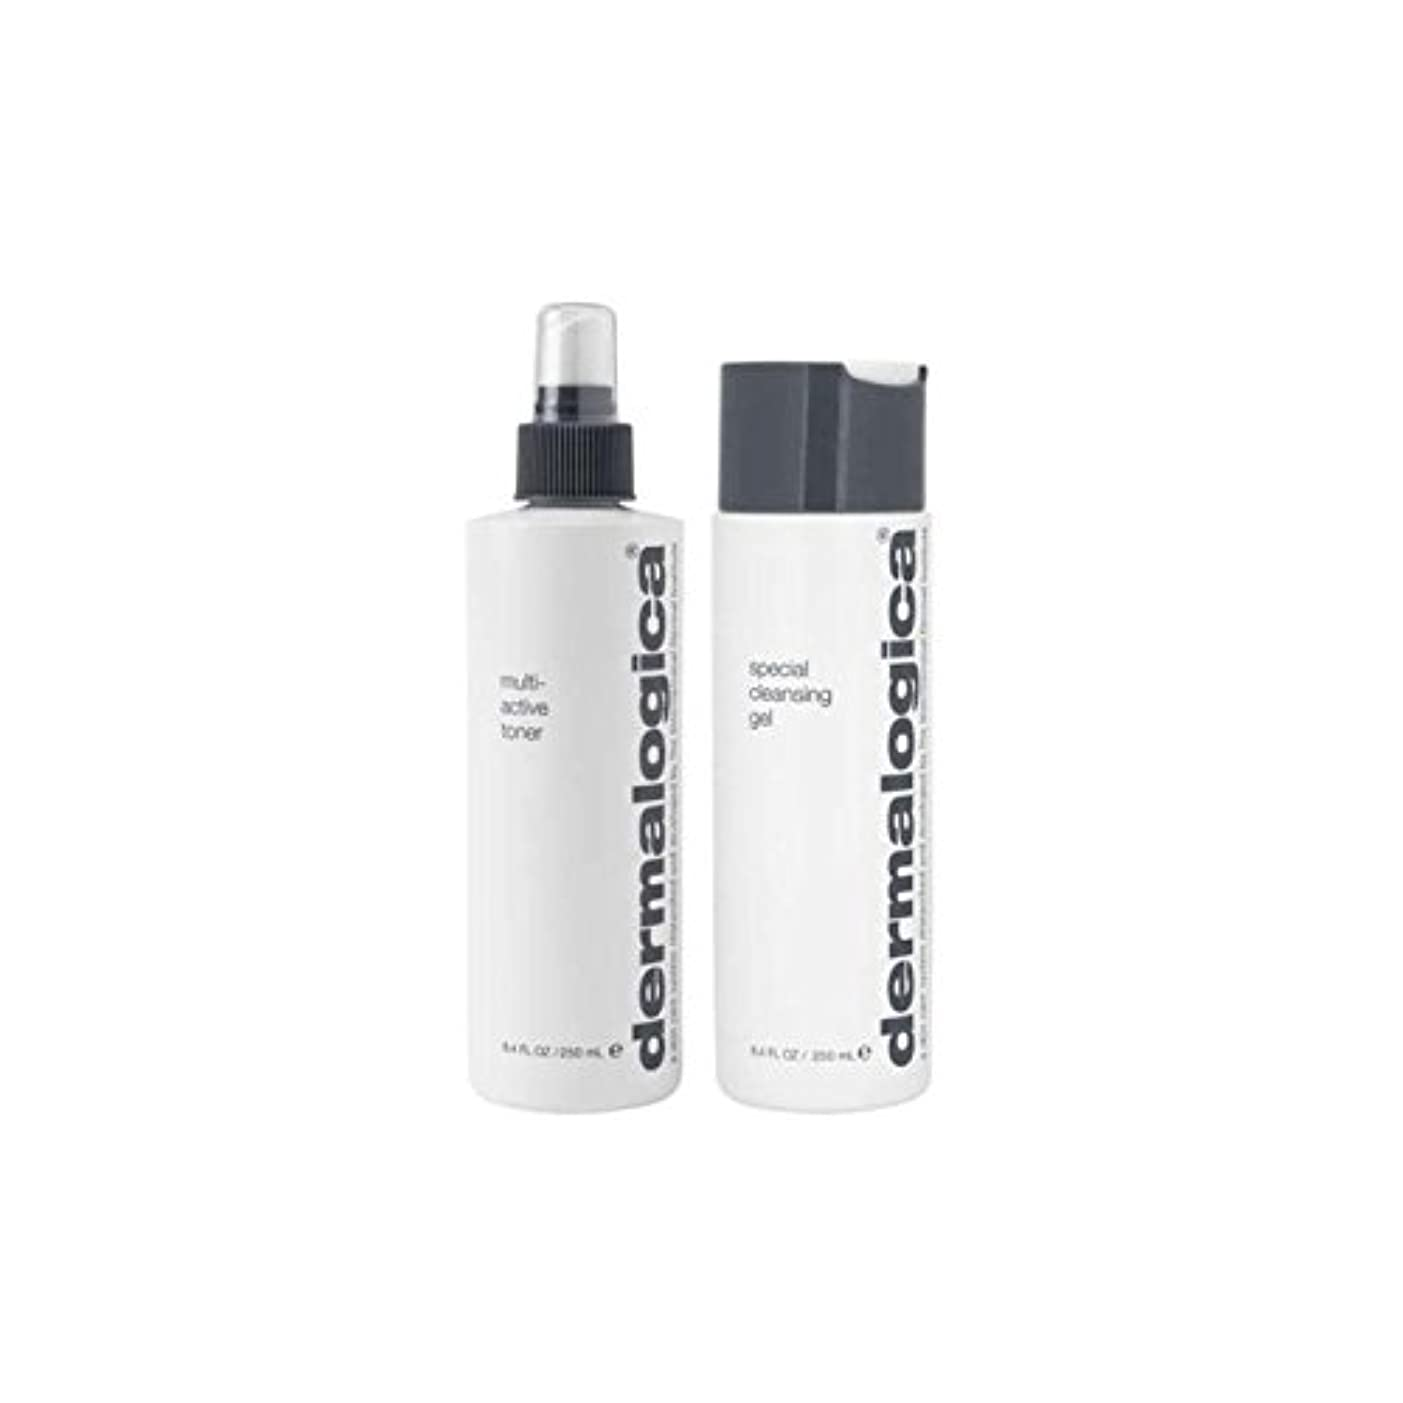 スツール痴漢ホイットニーDermalogica Cleanse & Tone Duo - Normal/Dry Skin (2 Products) (Pack of 6) - ダーマロジカクレンジング&トーンデュオ - ノーマル/ドライスキン(...